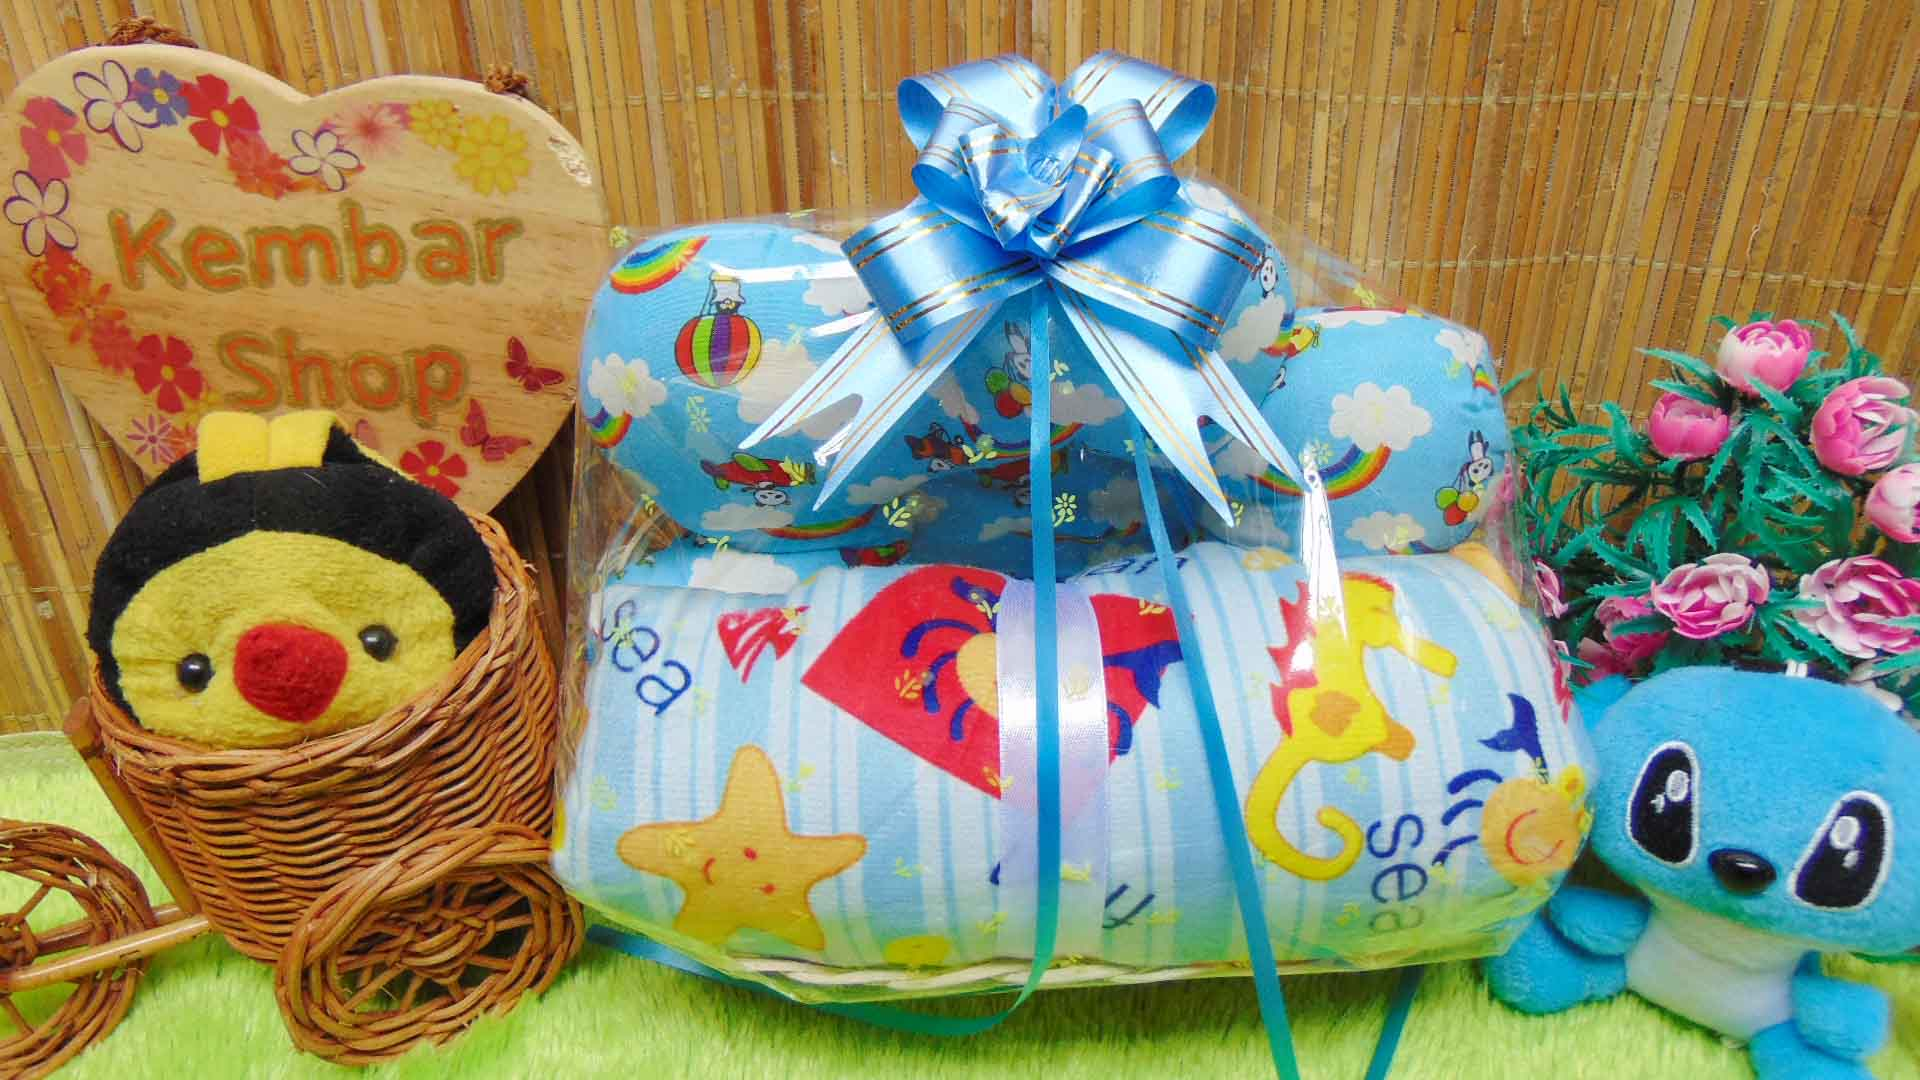 paket kado bayi baby gift kado melahirkan-parcel kado bayi parsel bayi keranjang spesial bantal selimut ANEKA WARNA